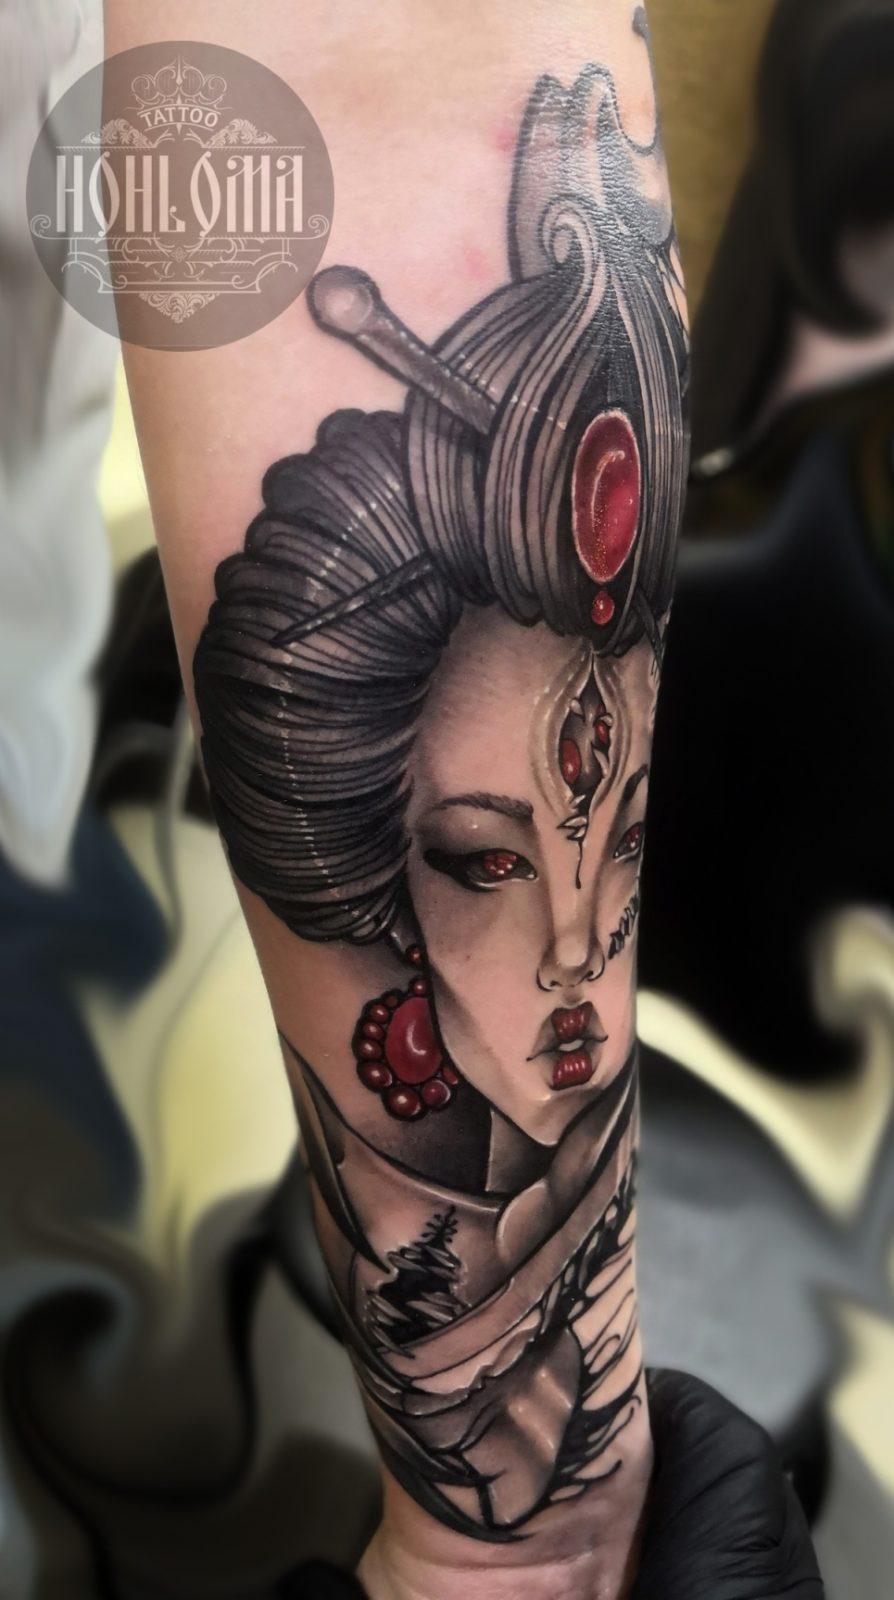 Один из видов татуировки - красивая девушка